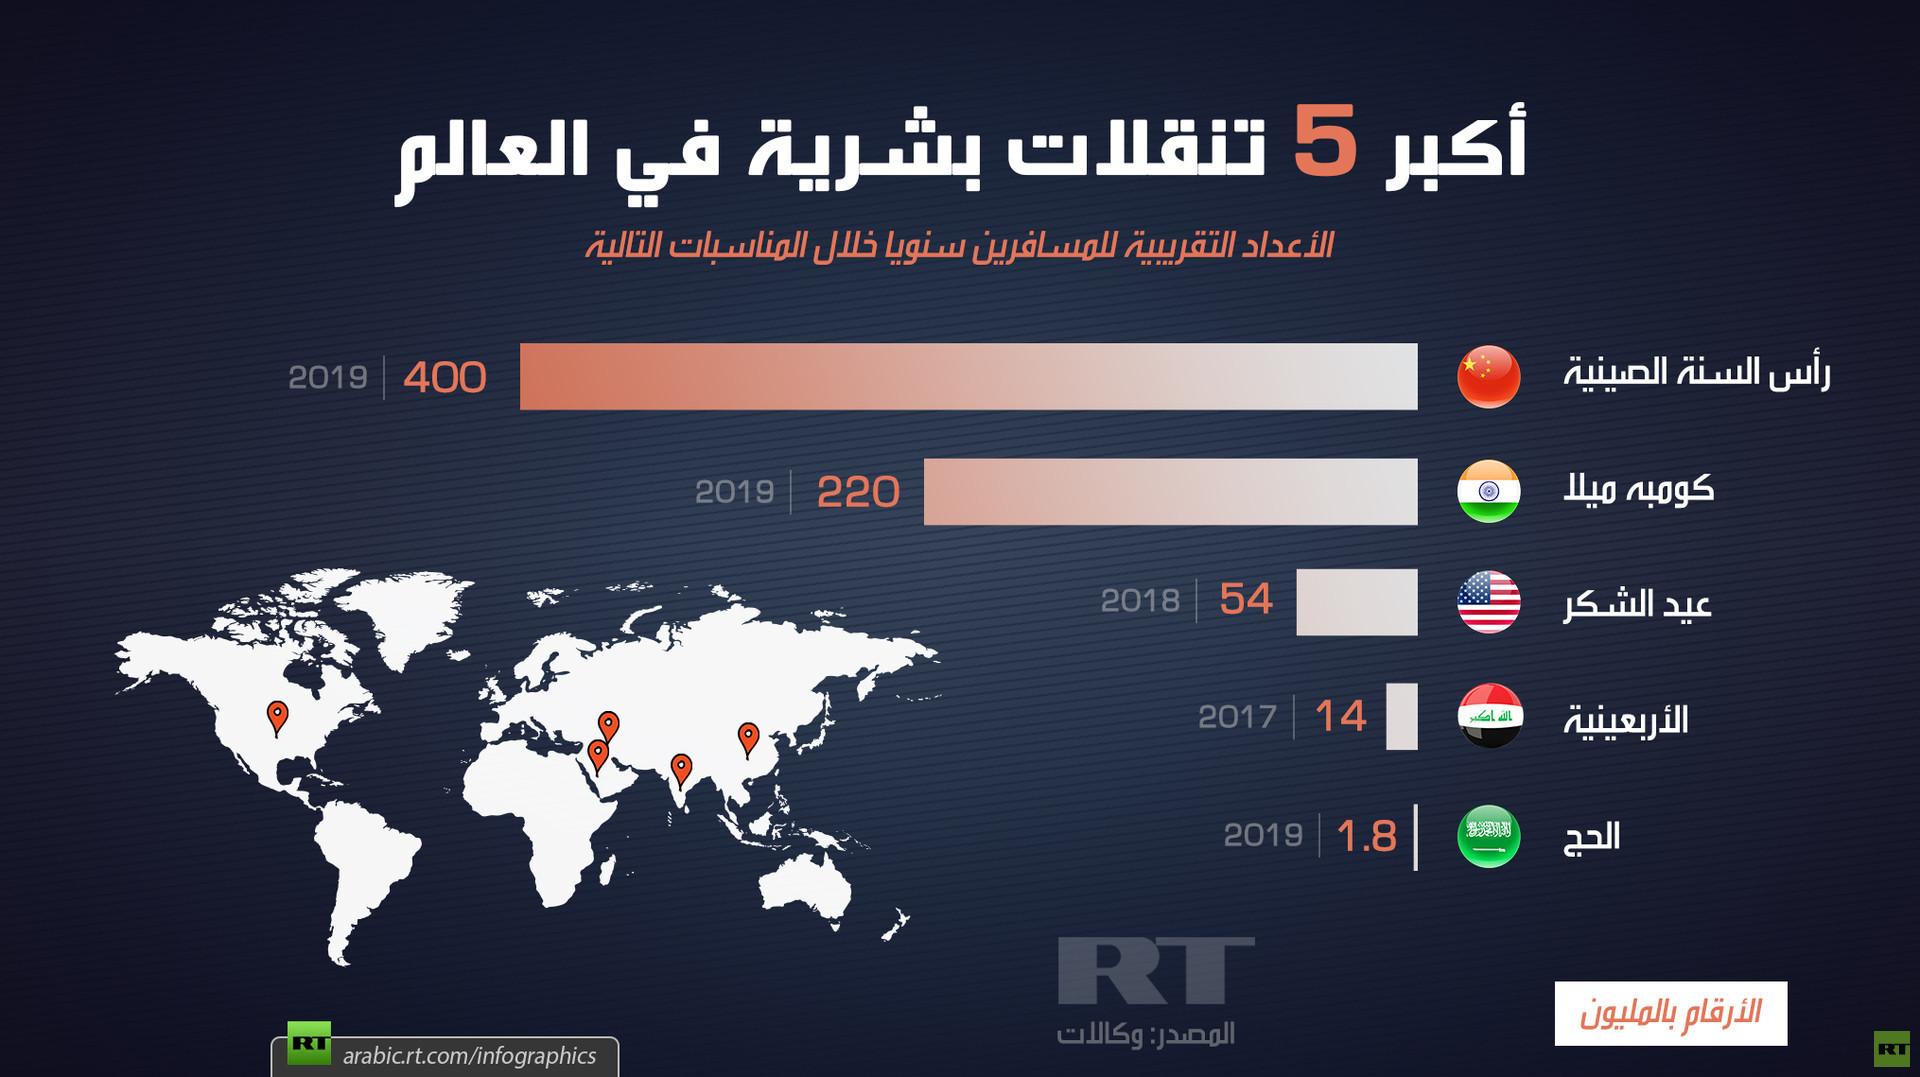 أكبر 5 تنقلات بشرية في العالم